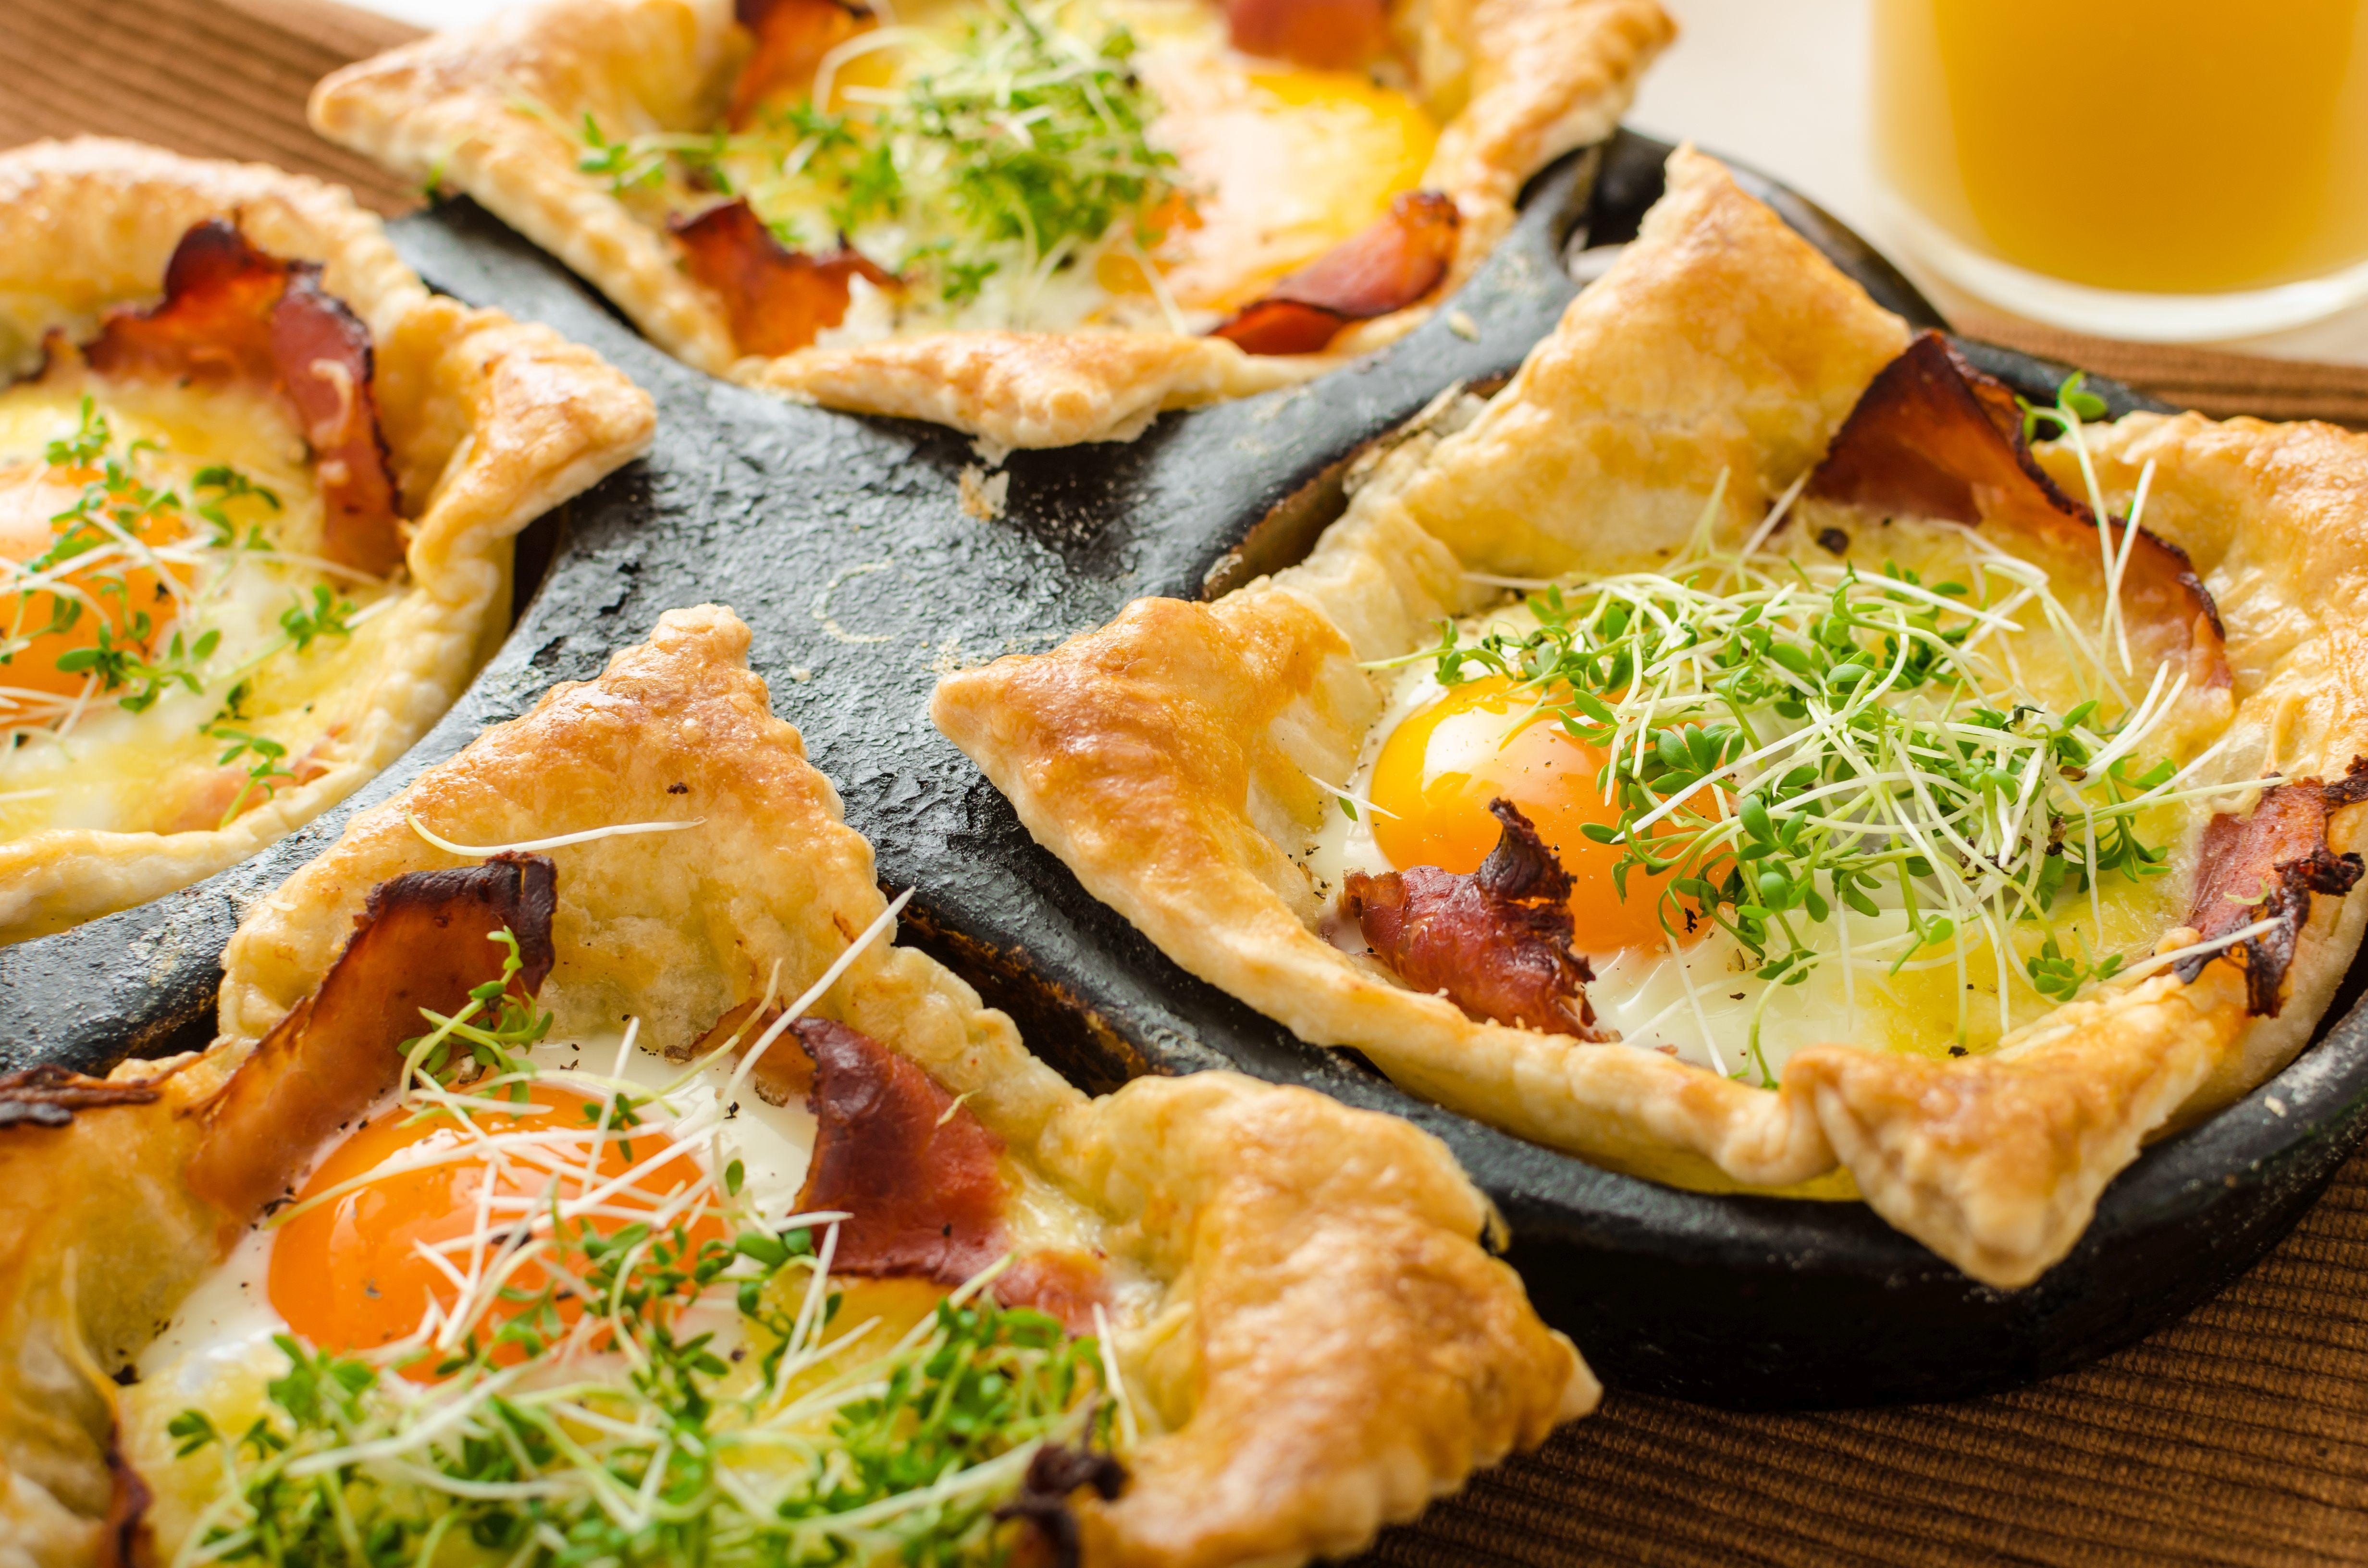 Karnawalowe Przystawki Po Francusku Wp Kuchnia